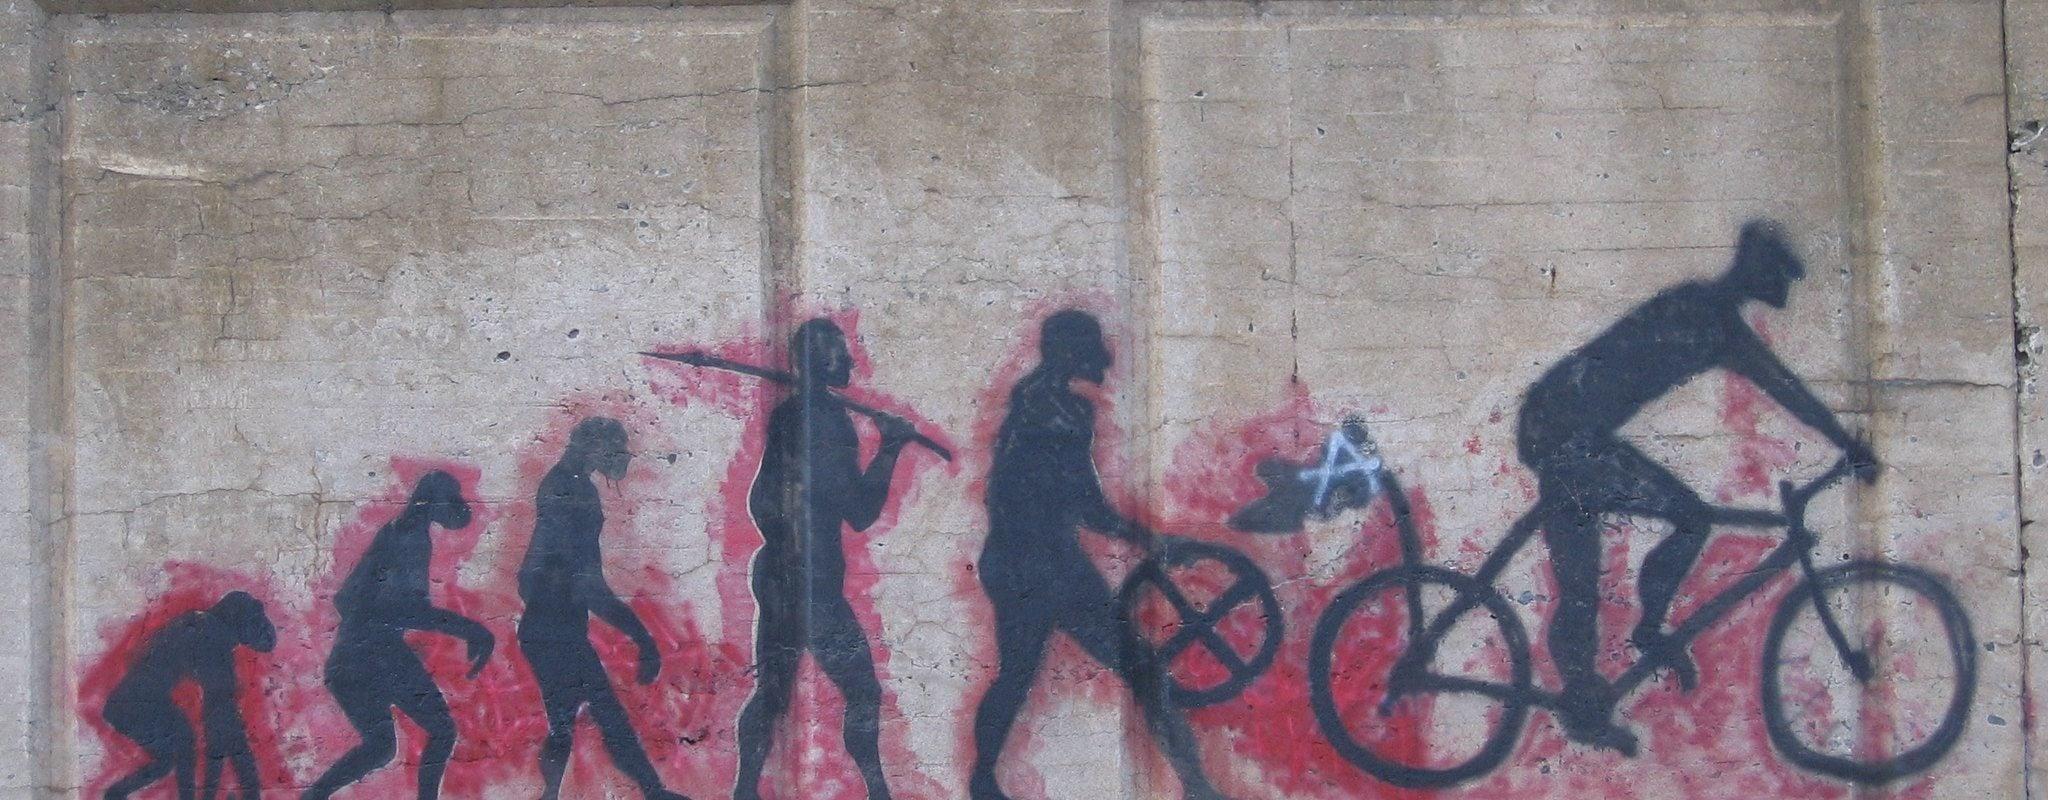 Mercredi 23 septembre, une vélorution pour dénoncer des aménagements cyclistes a minima